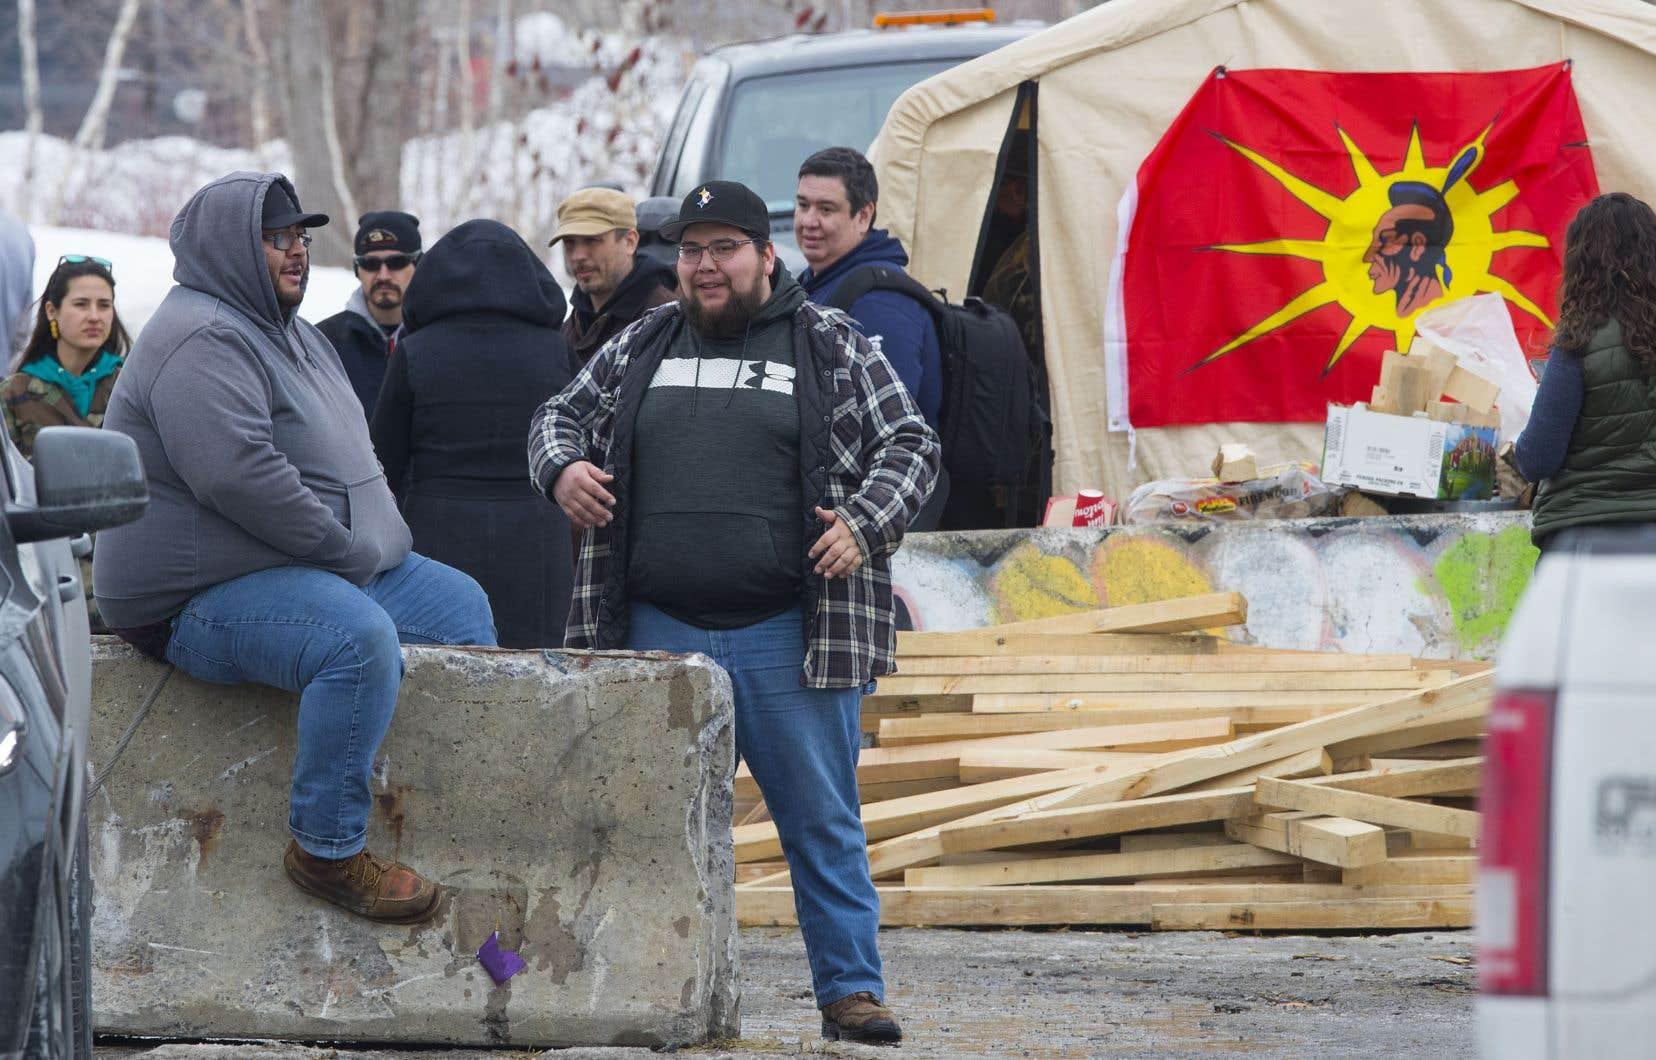 La communauté autochtone de Kahnawake ont élevé une barricade en soutien aux chefs héréditaires wet'suwet'en.